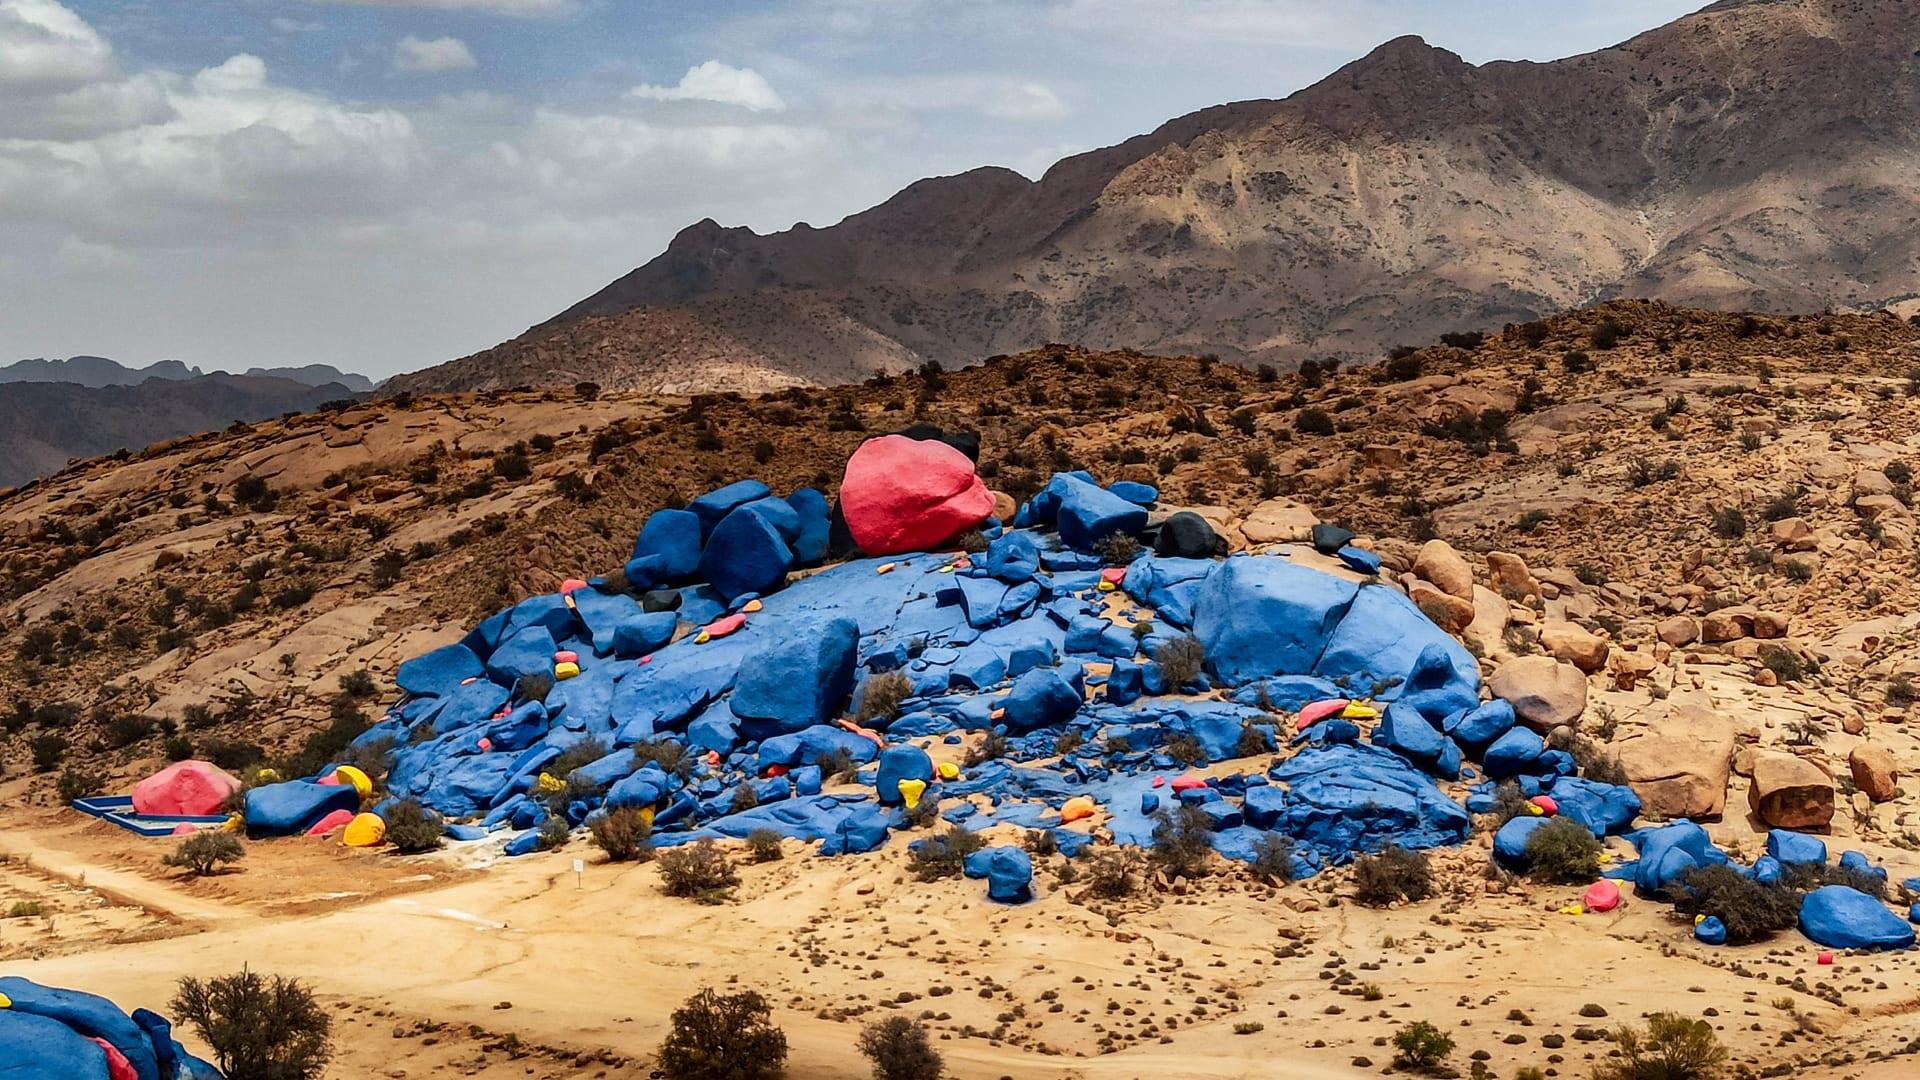 لوحة فنية وسط الطبيعة في المغرب..ما حقيقتها؟